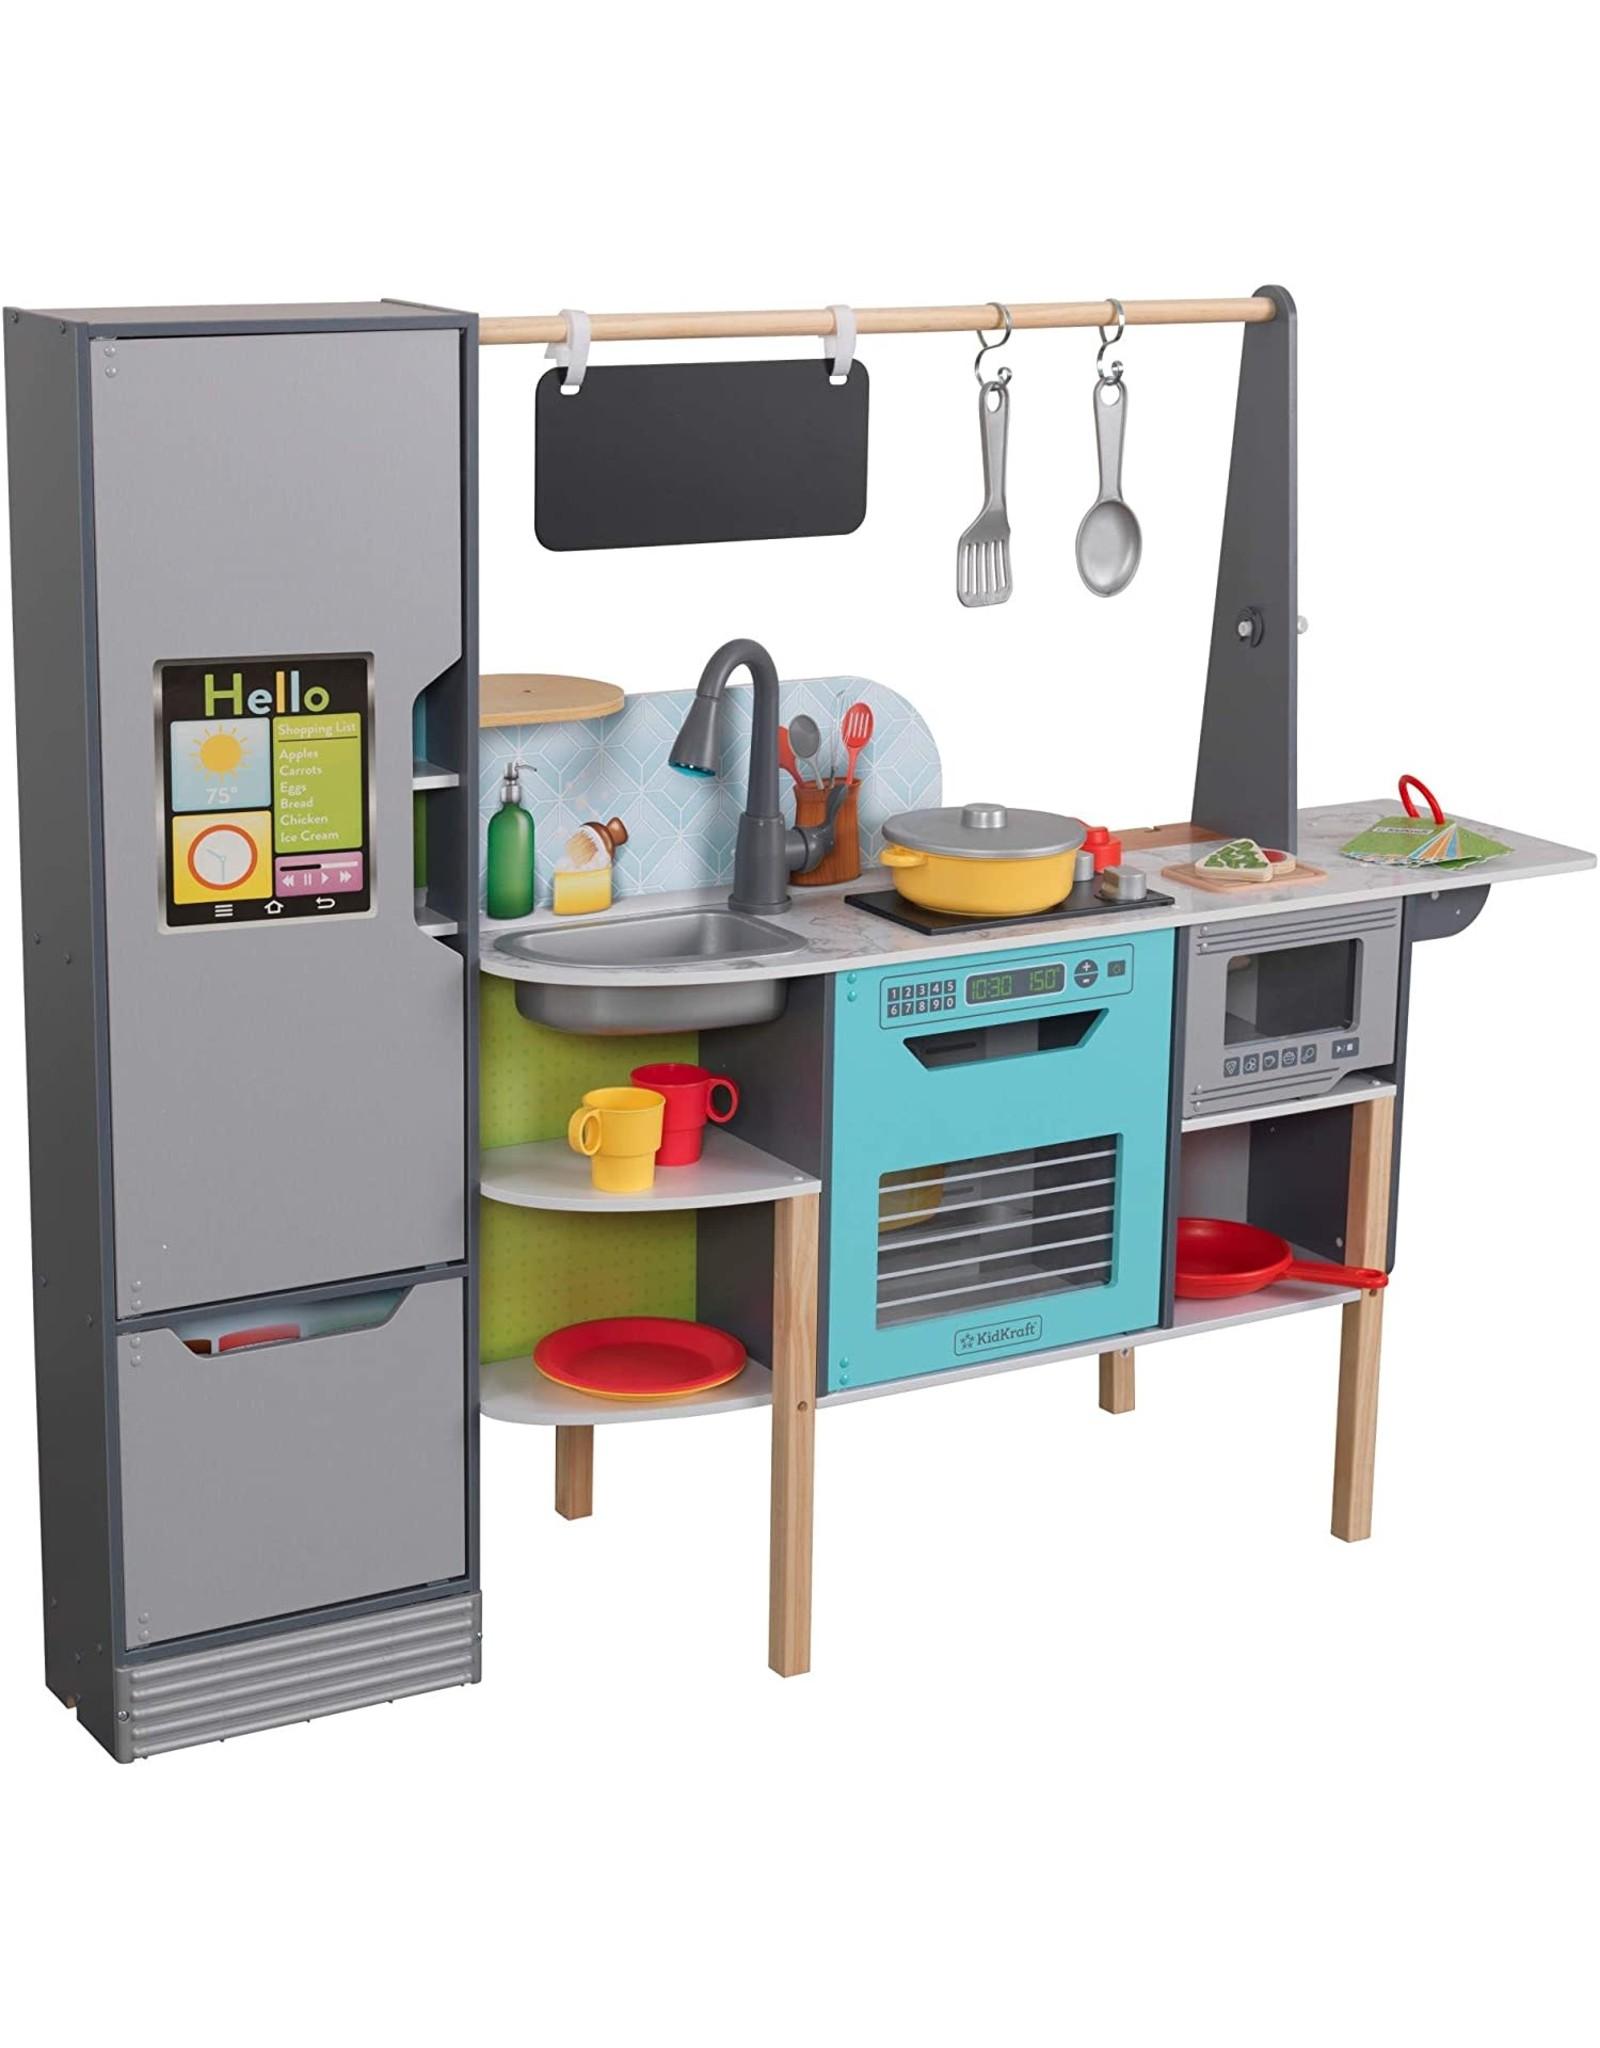 KidKraft KidKraft  Alexa Enabled 2-in-1 Kitchen & Market